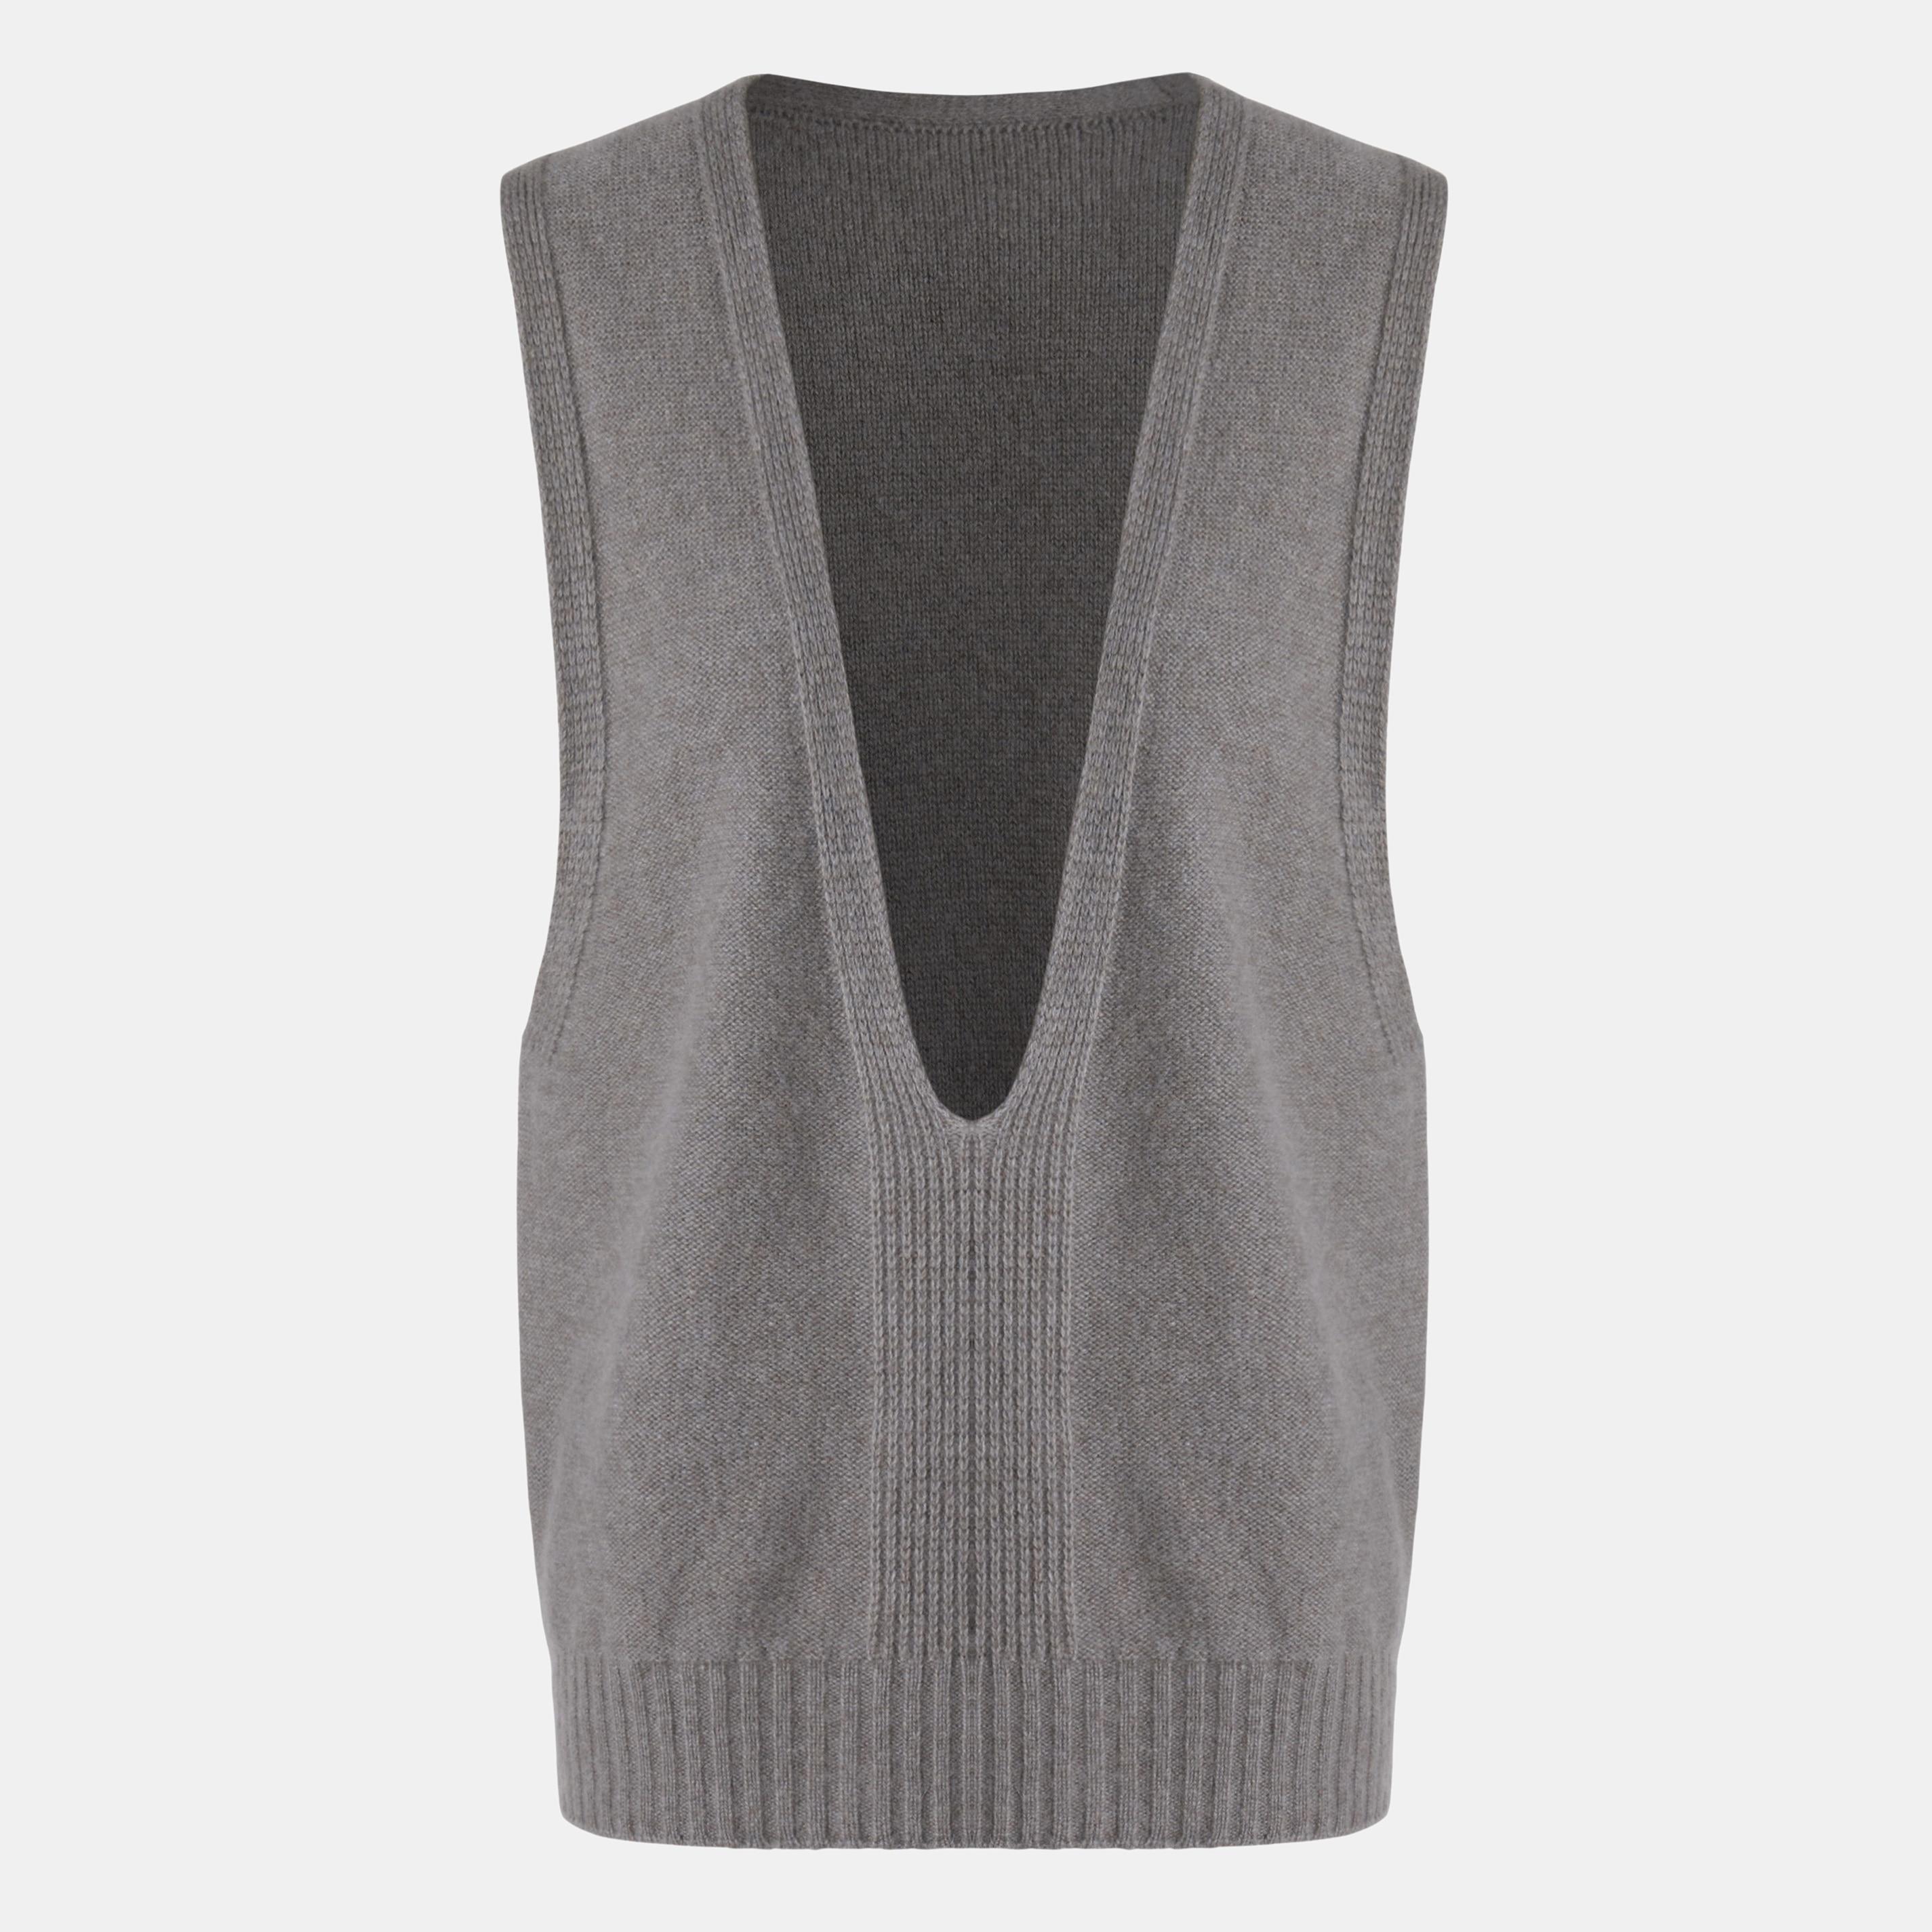 Cashmere Vest-Oat Grey - Oat Grey L